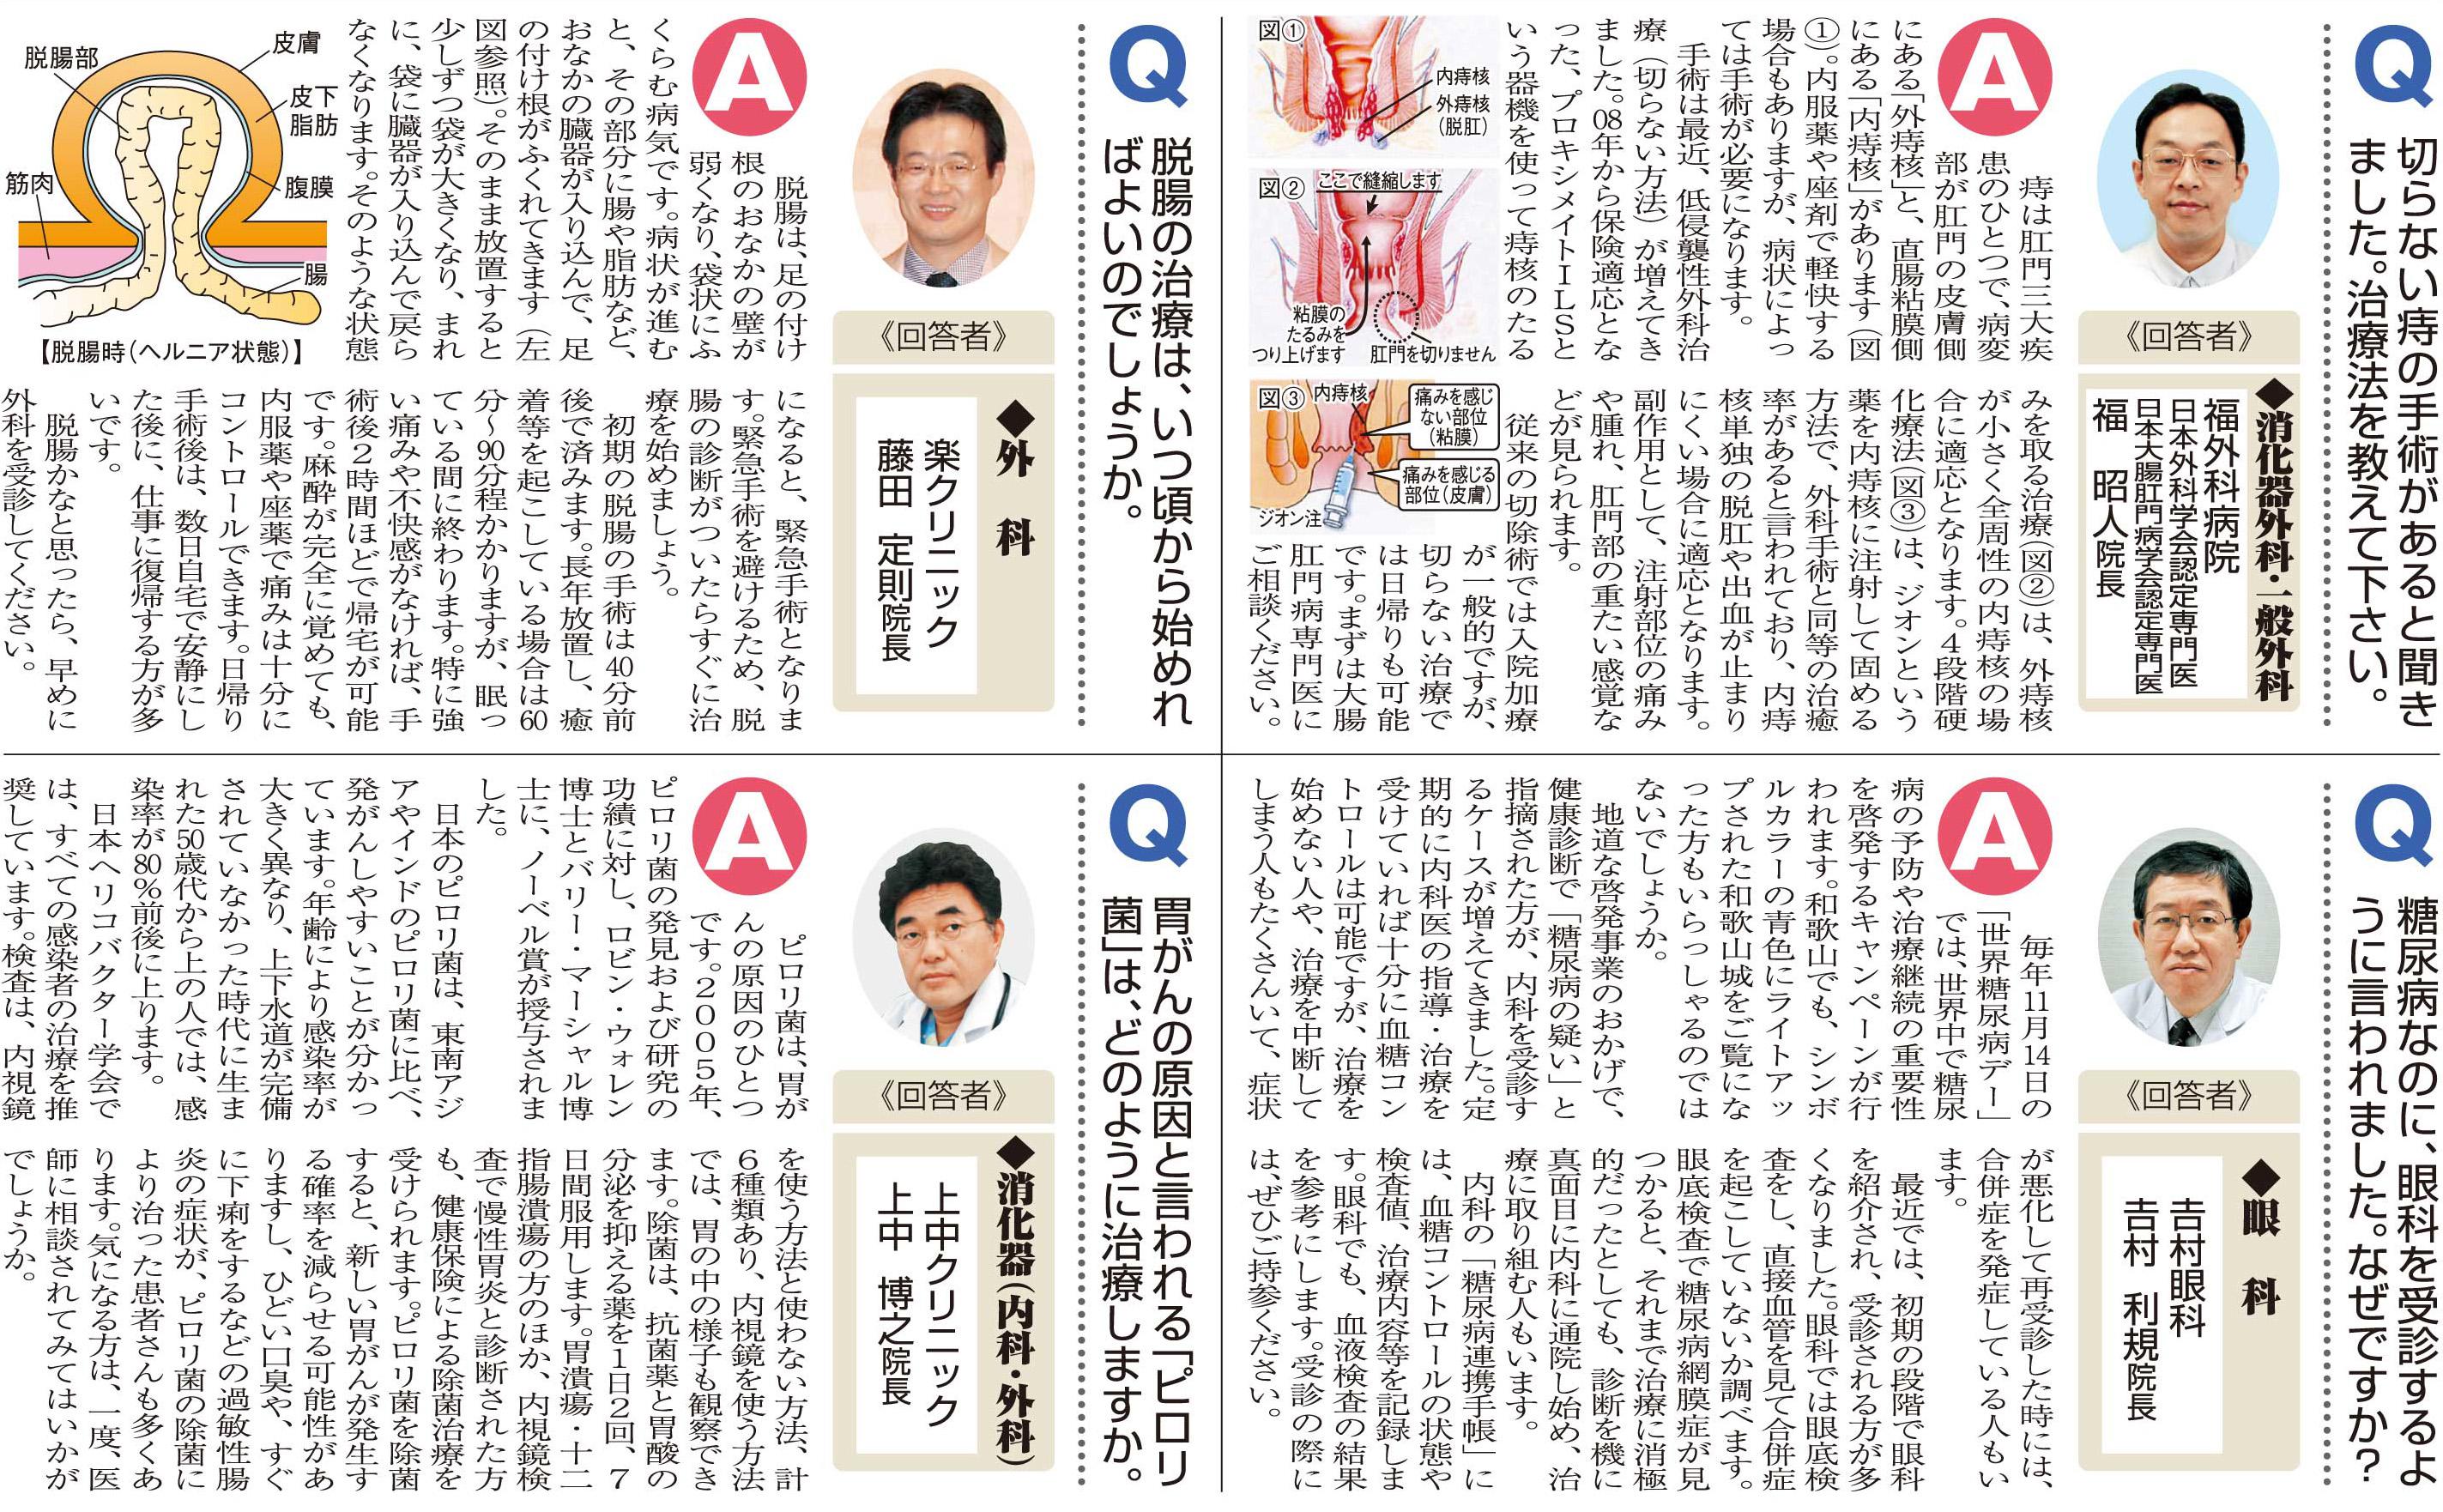 おしえて!マイドクター「痔」「糖尿病」「脱腸」「ピロリ菌」(2016.12.24)